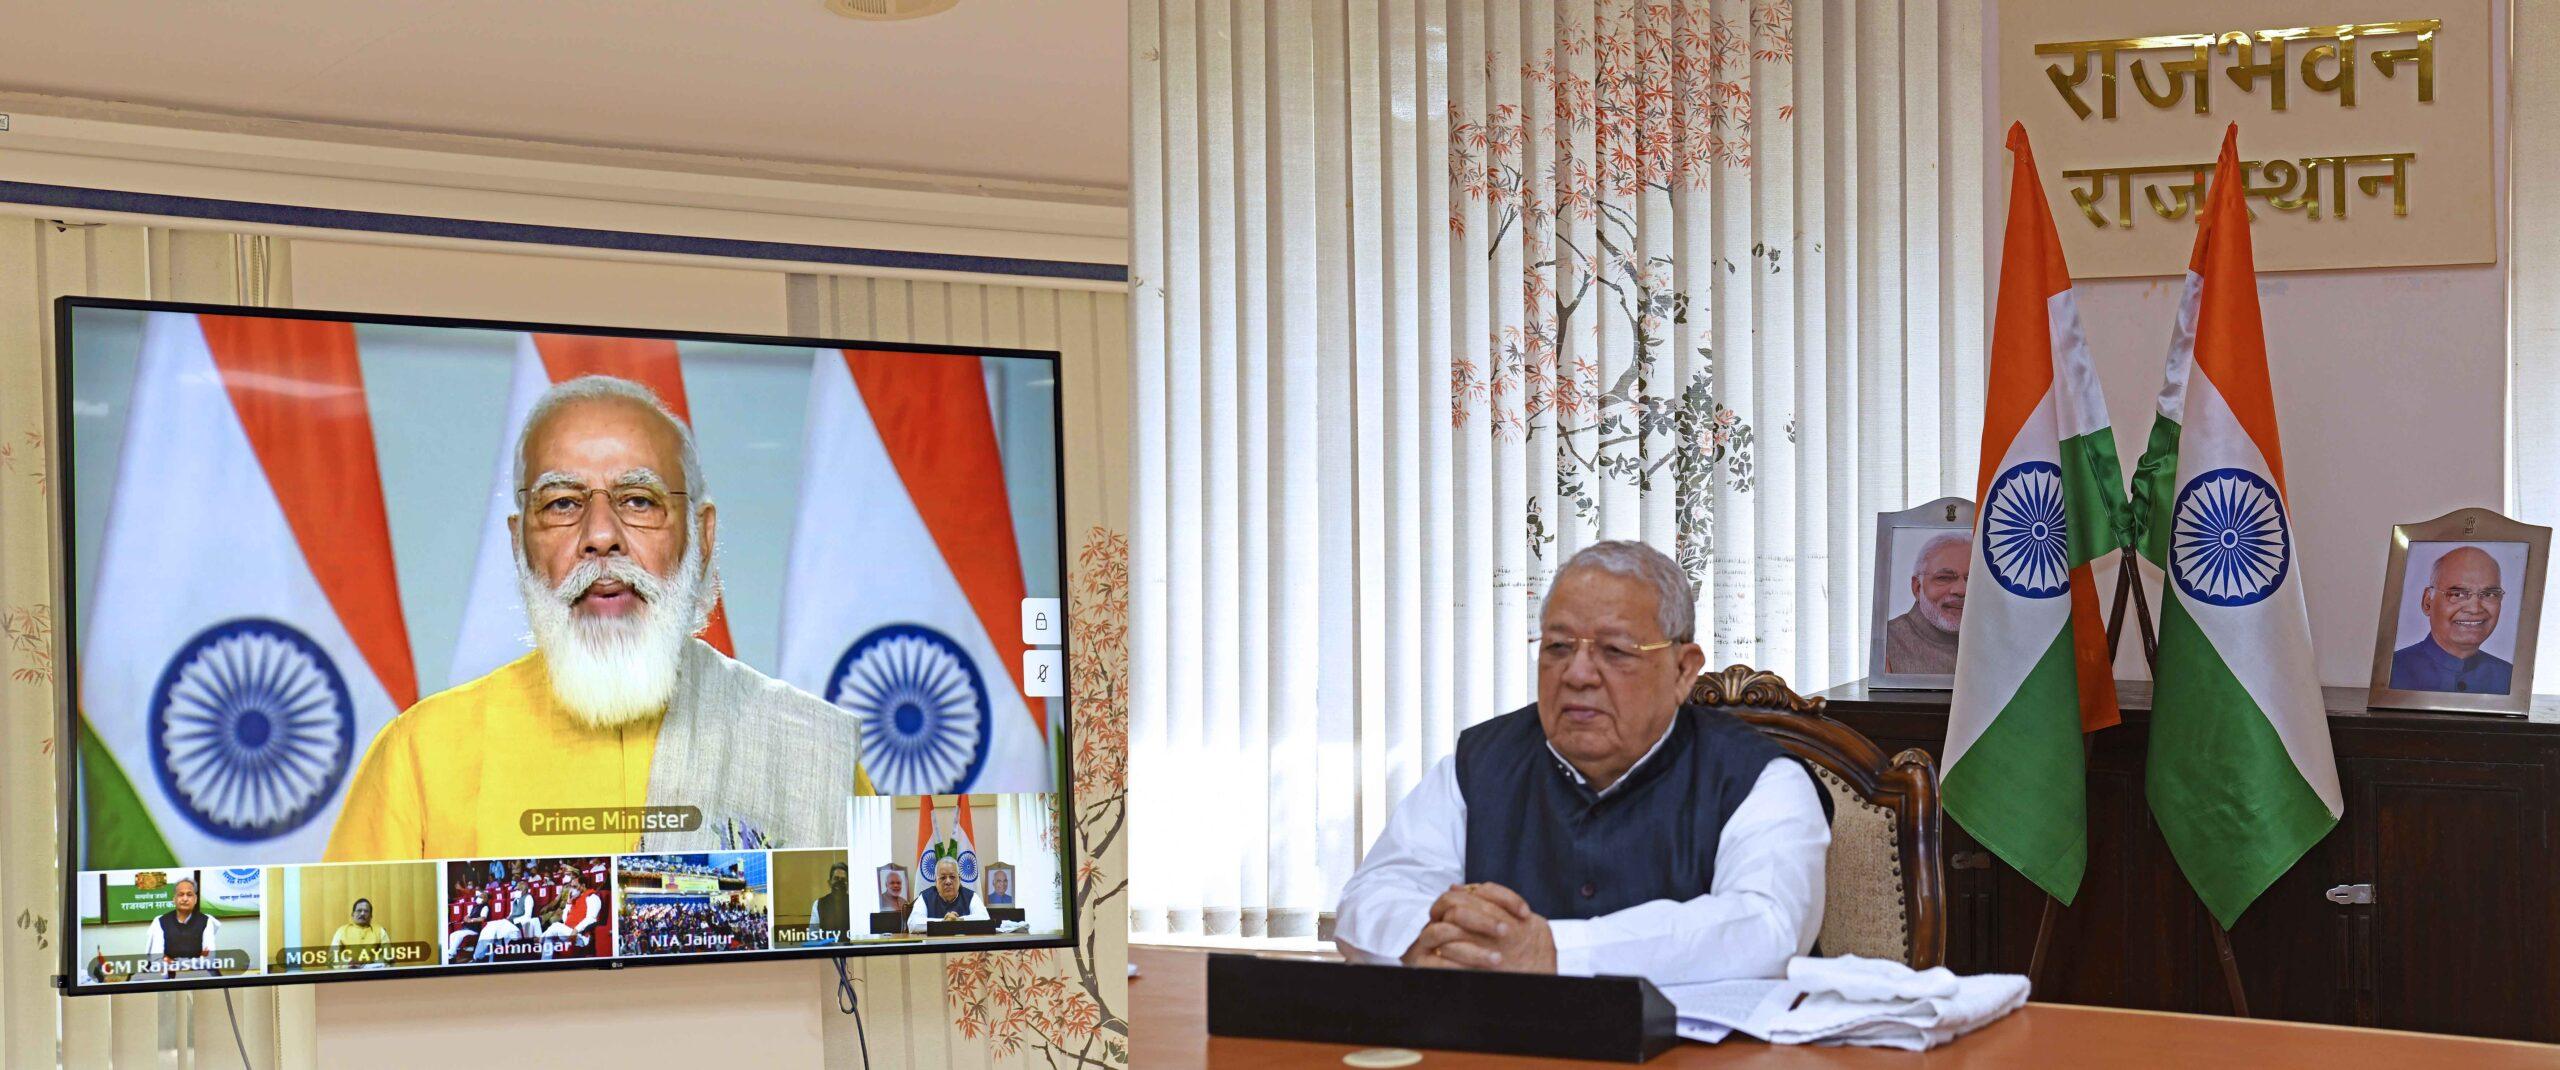 राज्यपाल श्री कलराज मिश्र ने दी प्रदेशवासियों को बधाई